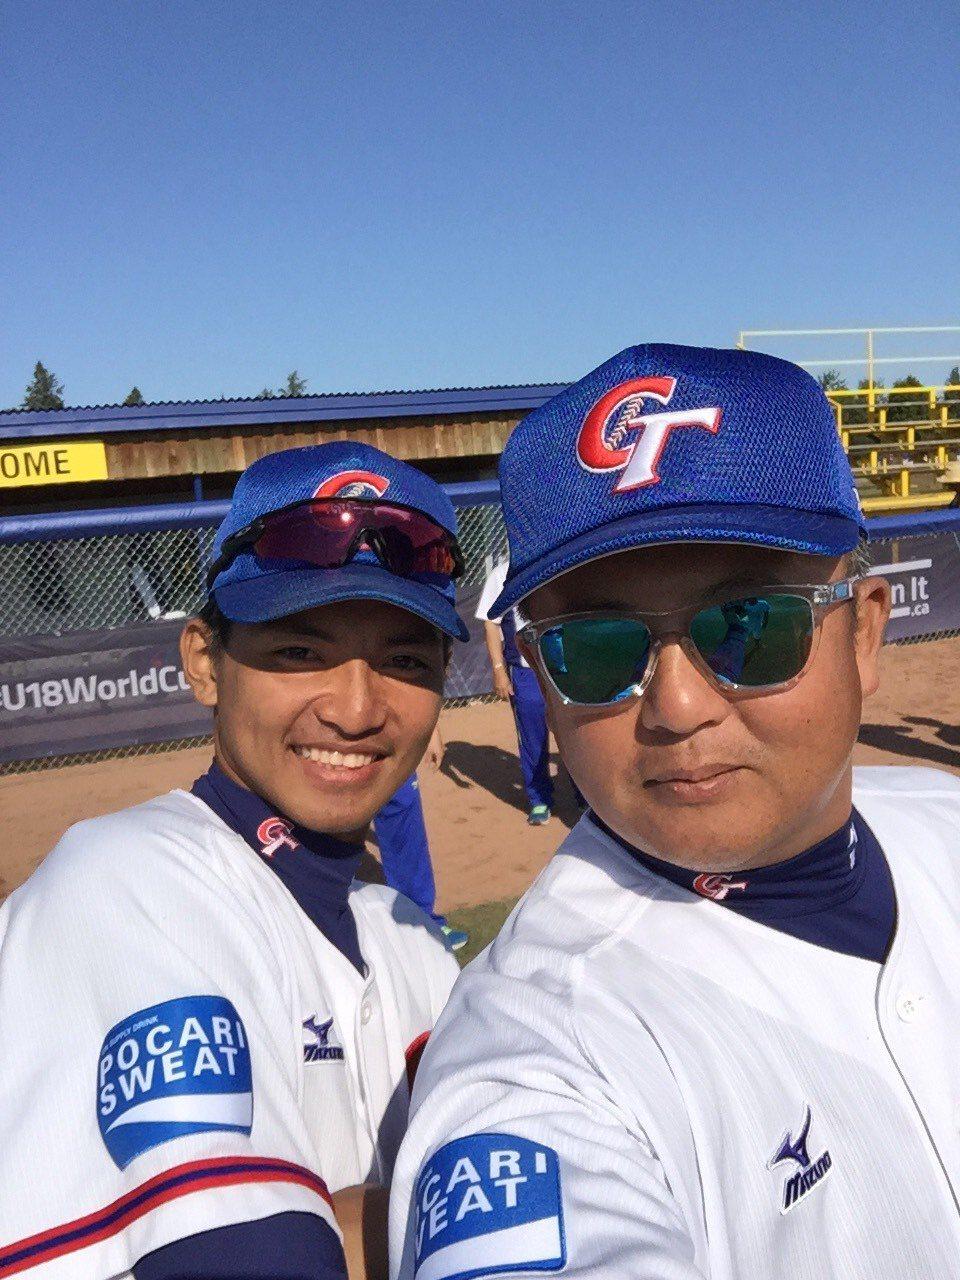 師徒檔王傳家(右)與劉致榮是U18的中華隊成員。圖/王傳家提供